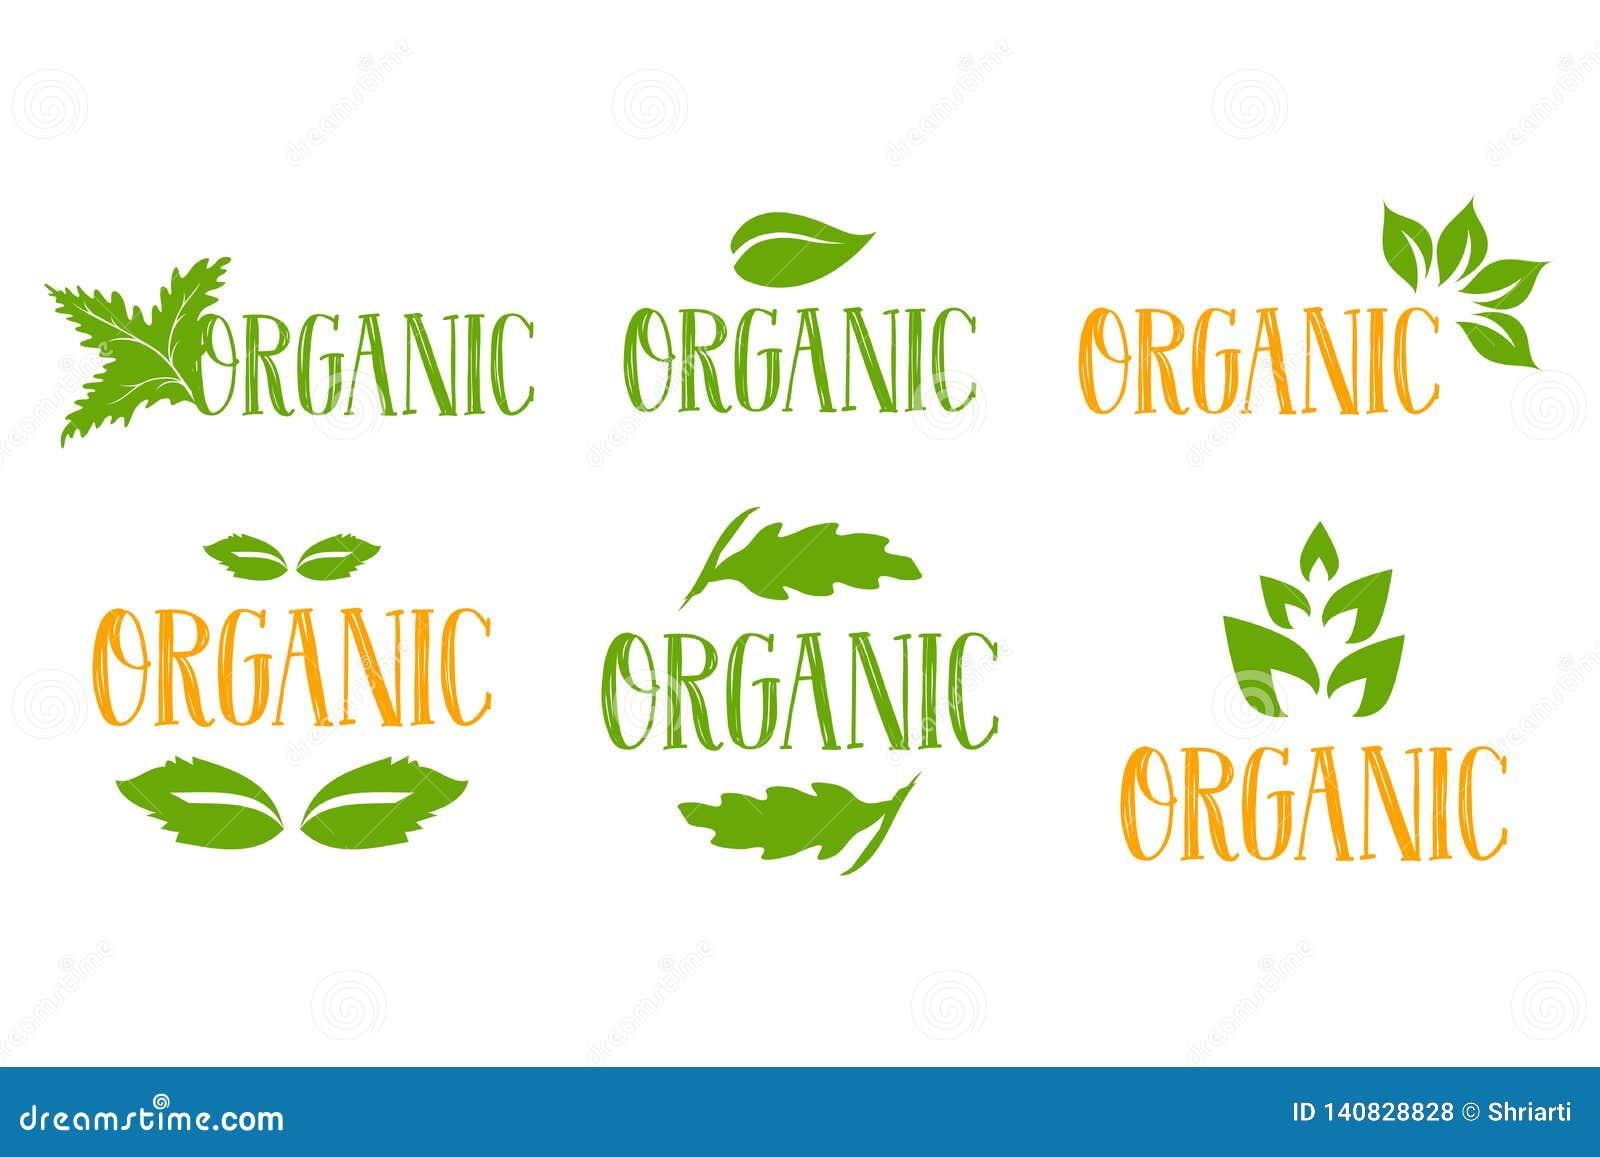 Organisches Vektorlogo eingestellt in die grünen und orange Farben mit einigen Arten grüne Kräuterblätter